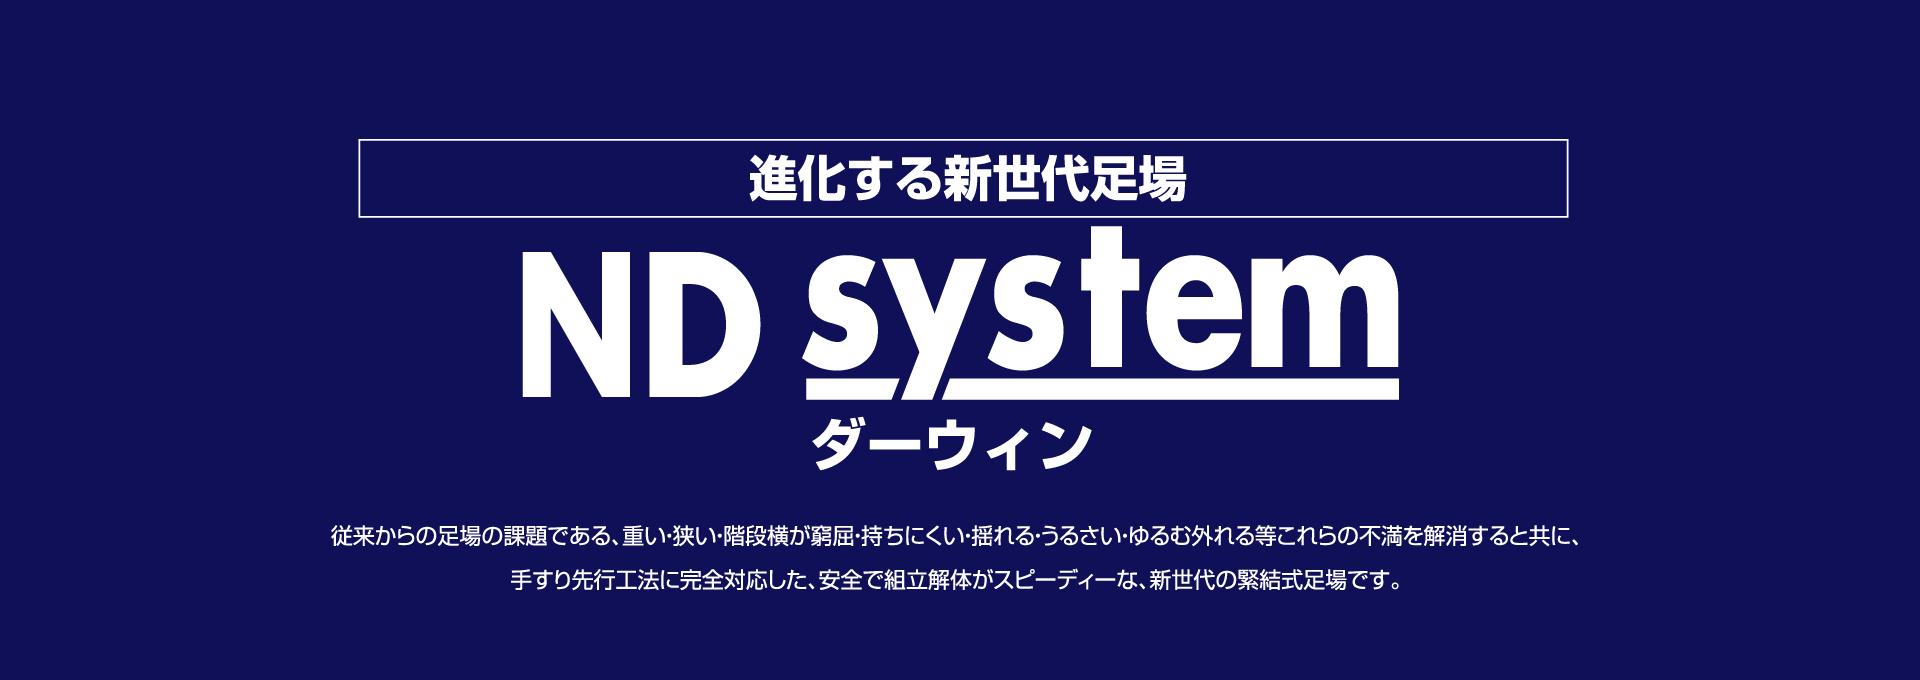 進化する新世代足場NDsystem